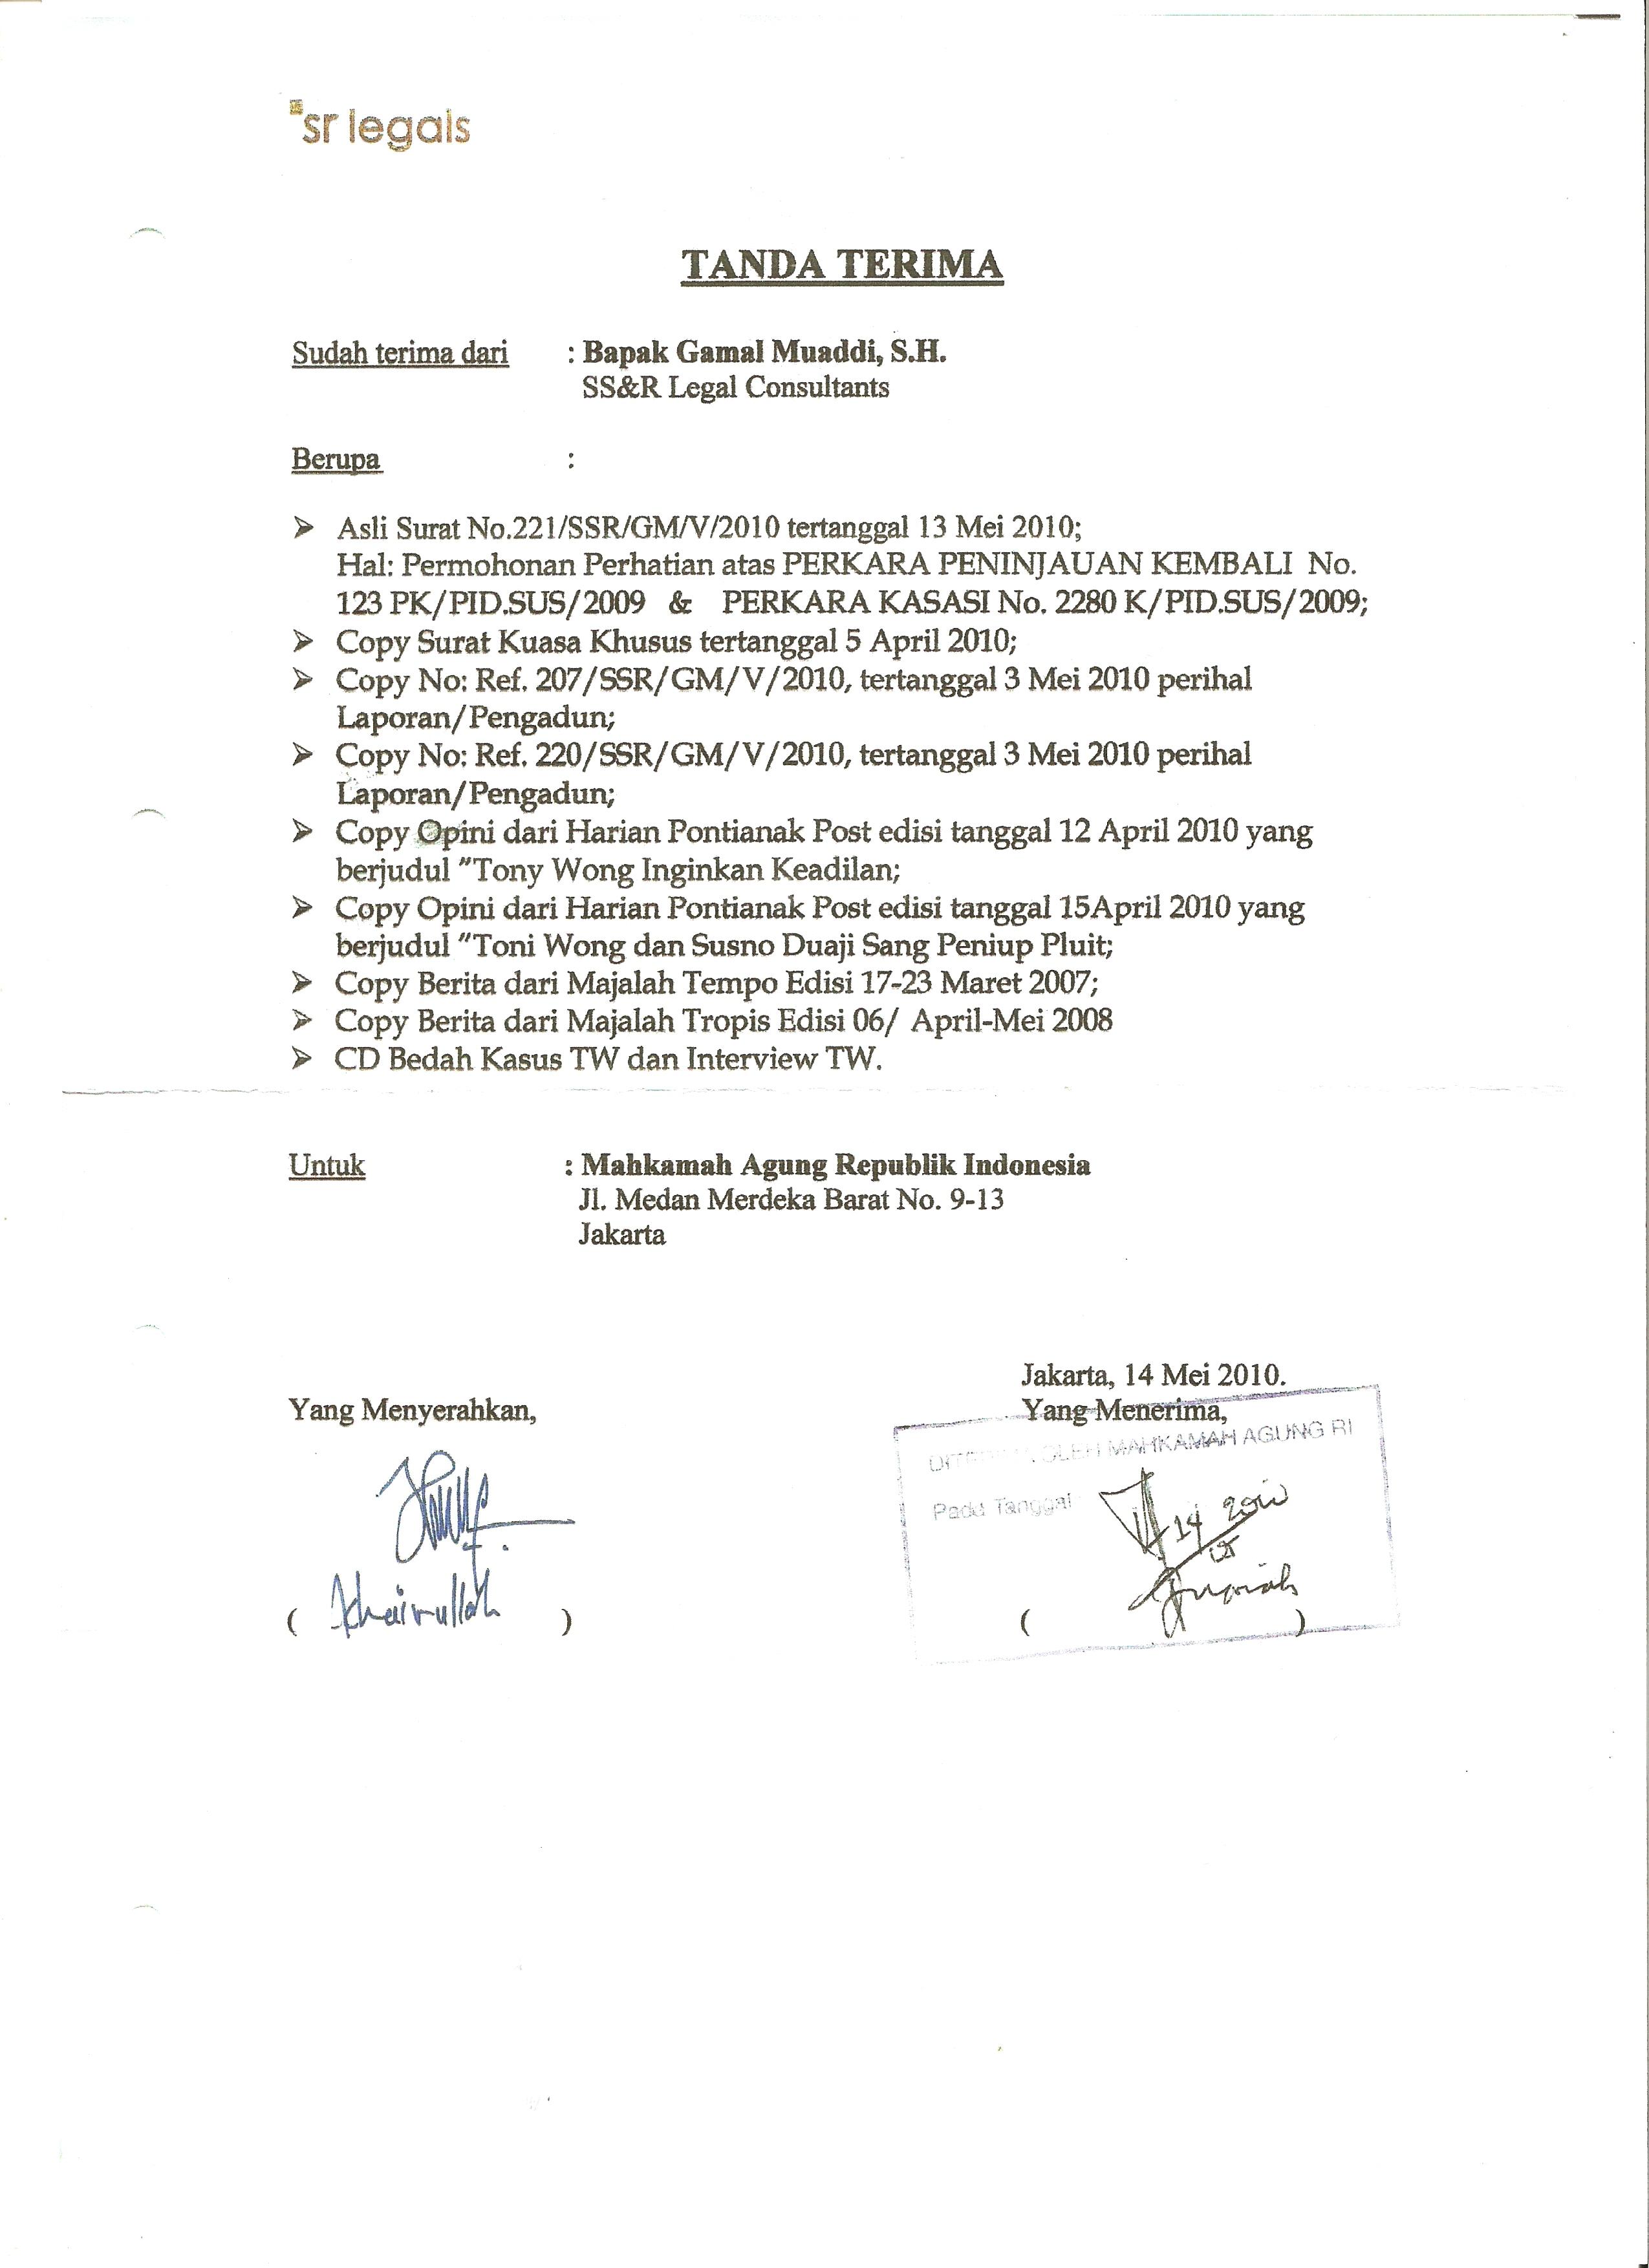 Lowongan Kerja Bireuen Terbaru Info Lowongan Cpns 2016 Terbaru Honorer K2 Terbaru Agustus Form Tanda Terima Terbaru2015